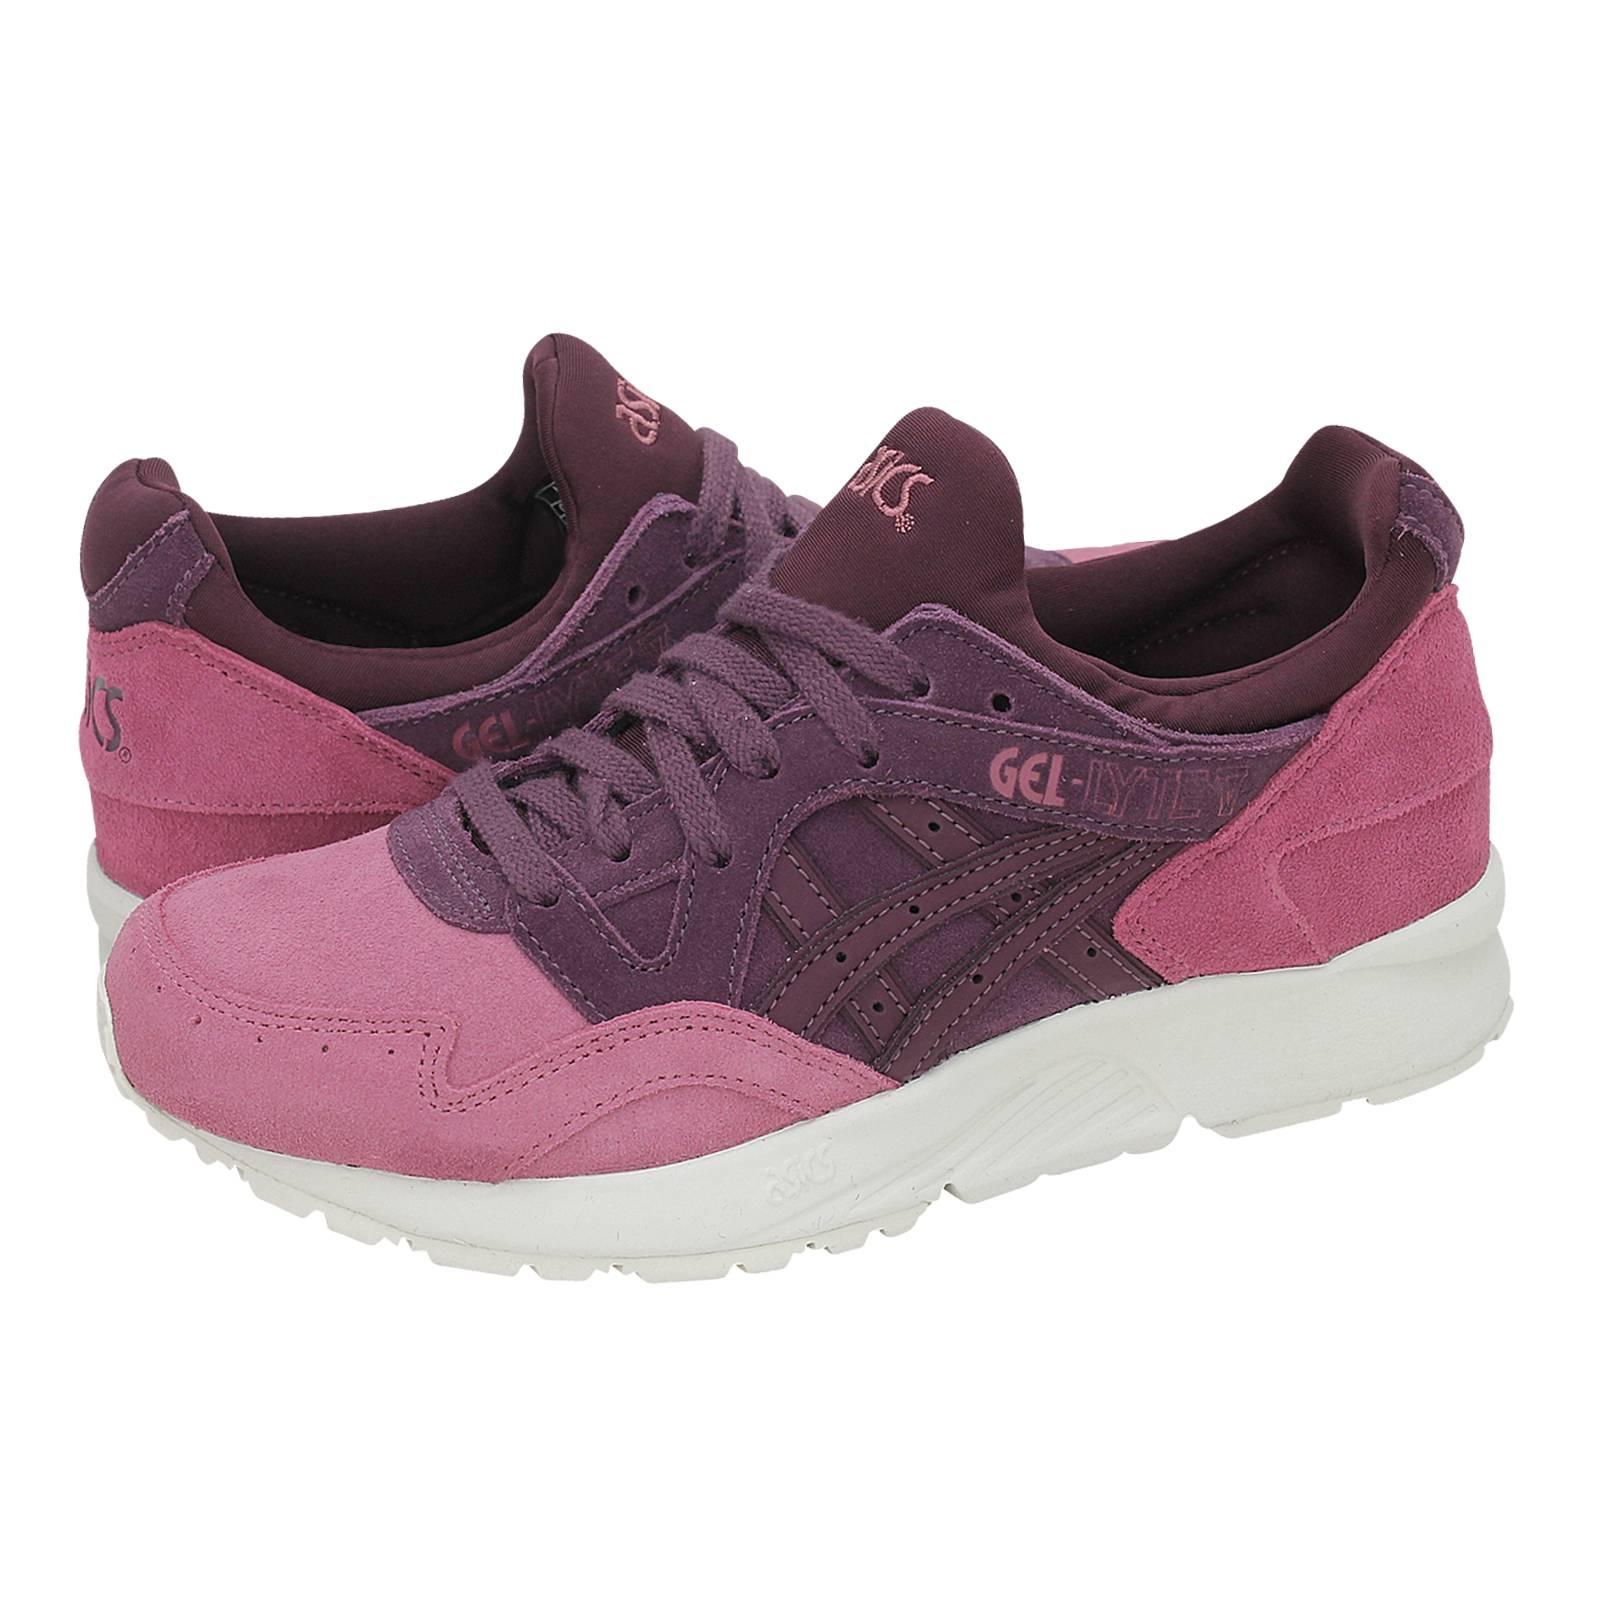 low priced af0d9 cf22c Asics Gel-Lyte V athletic shoes